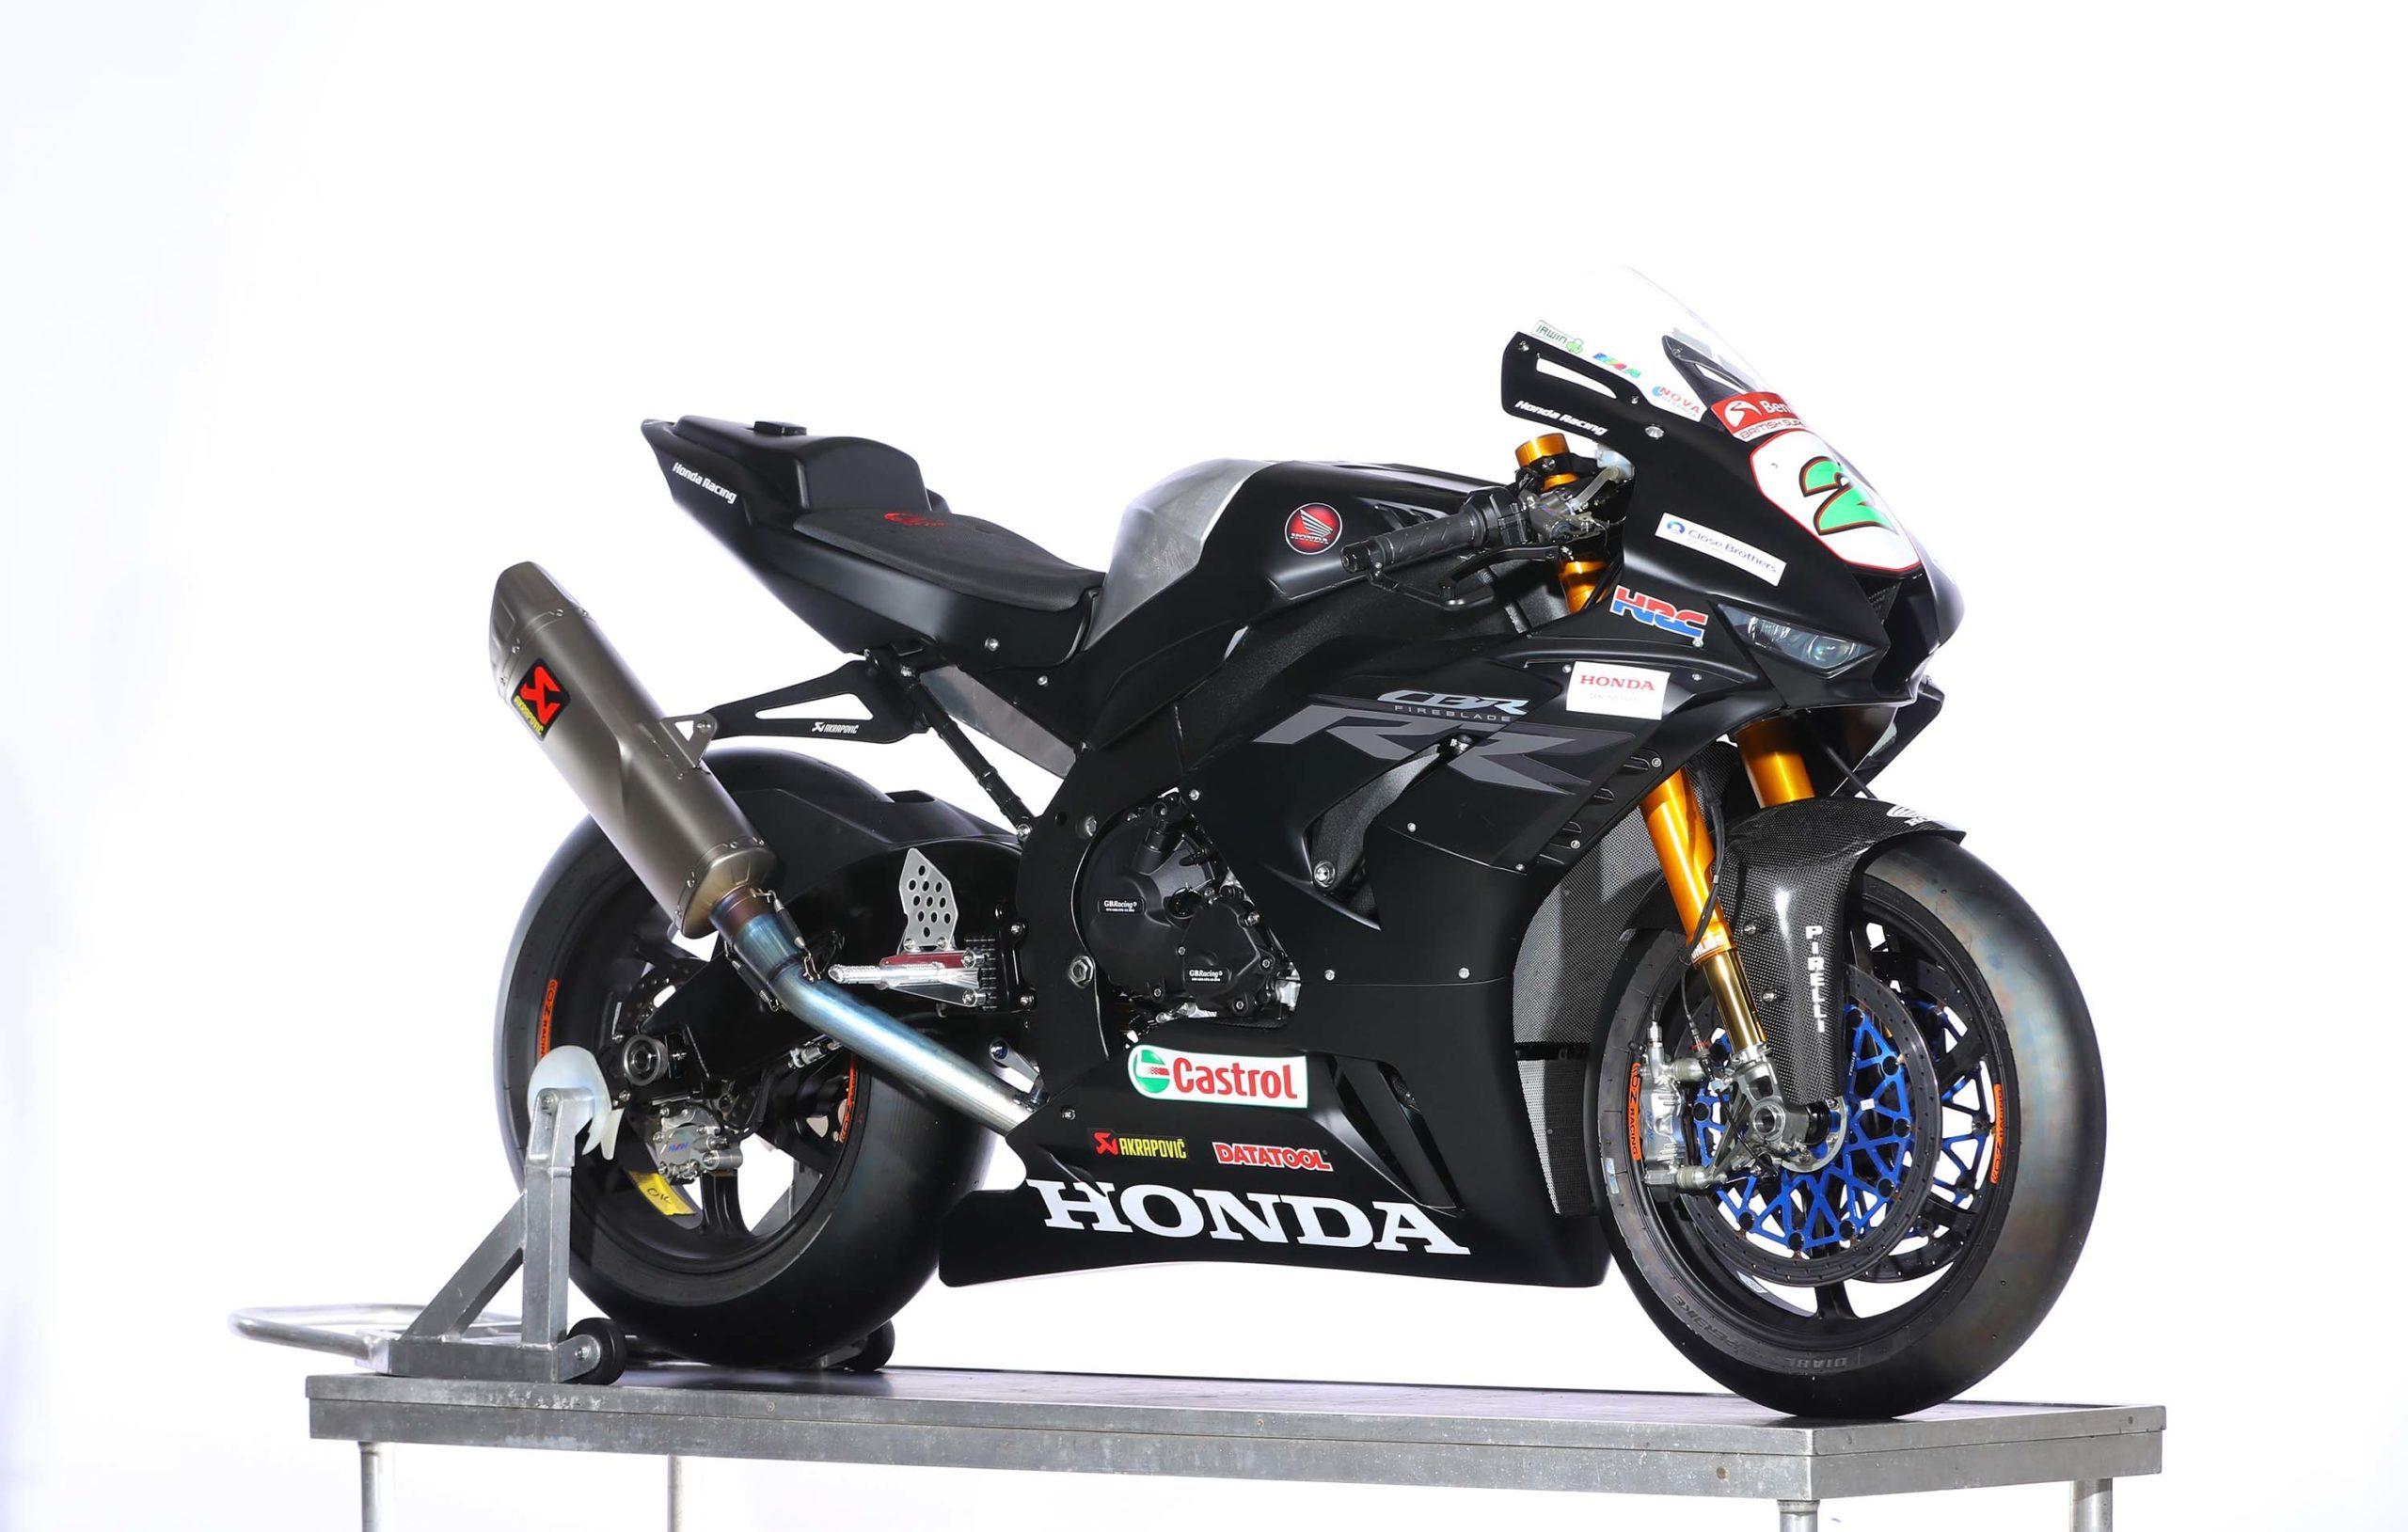 Ngắm Honda CBR1000RR-R Fireblade phiên bản đường đua BSB 2020